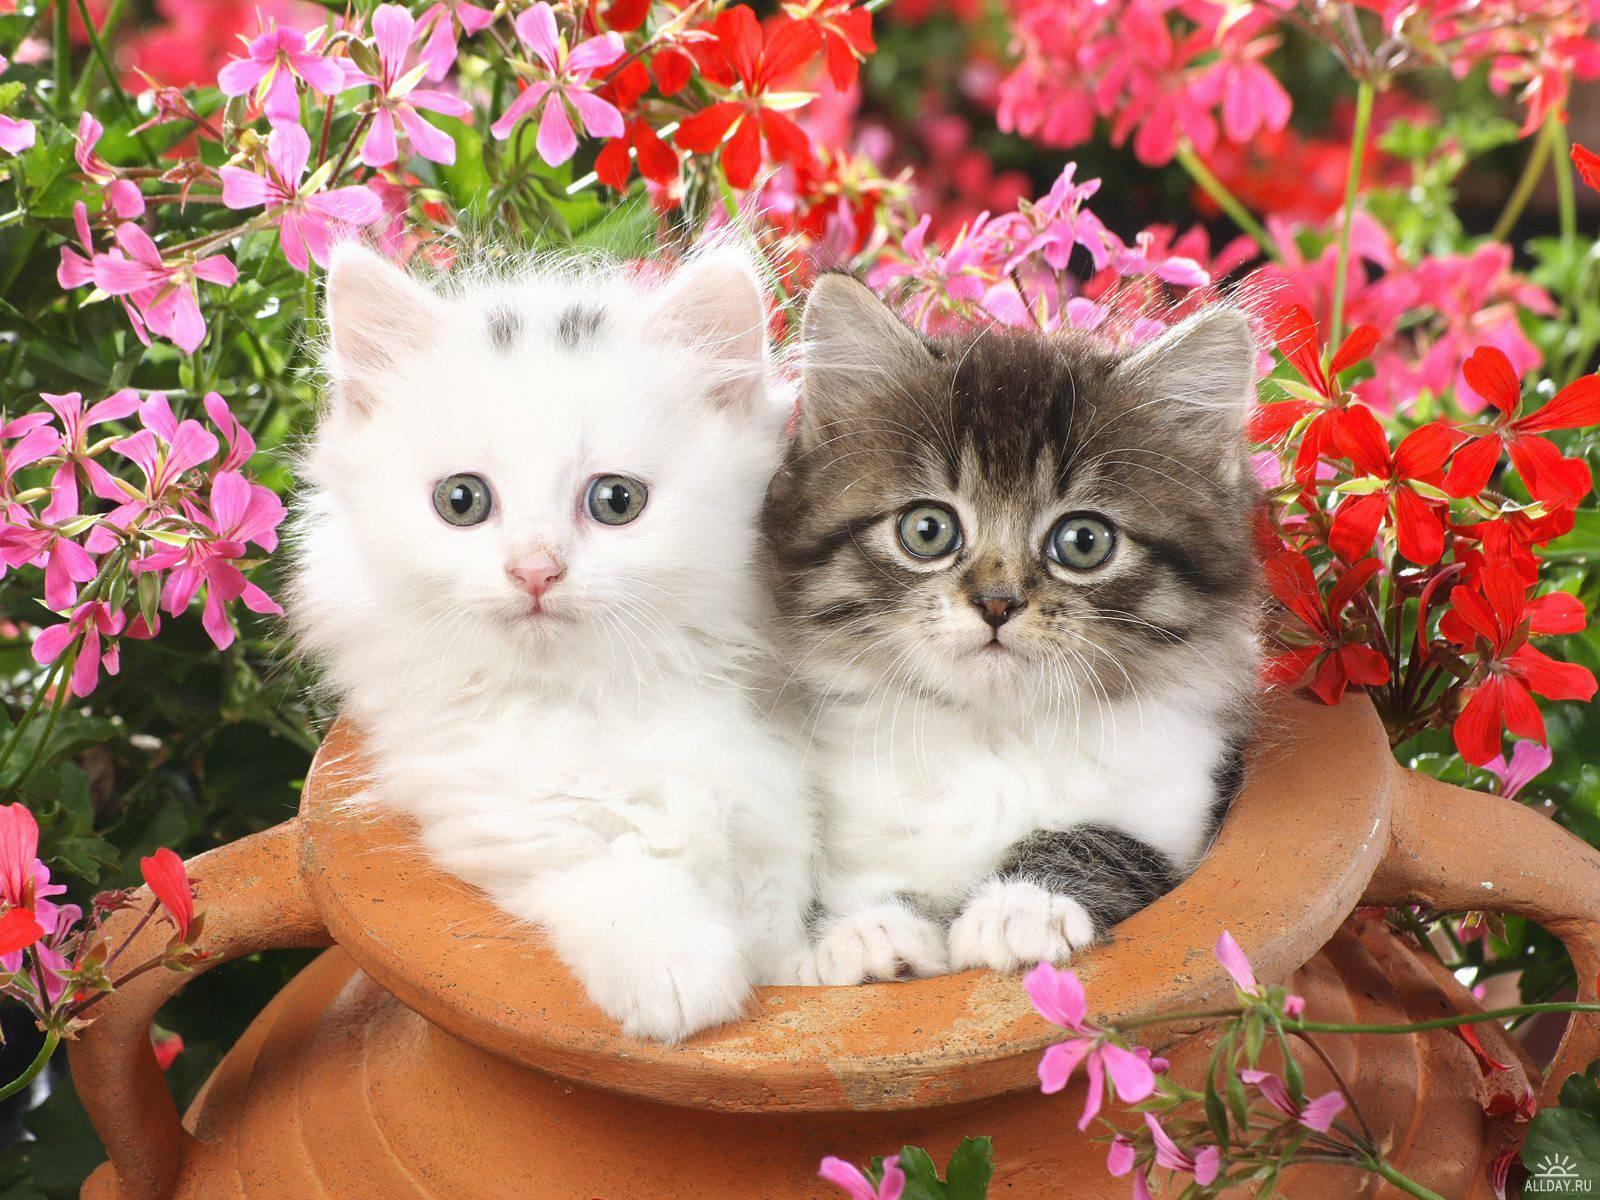 عکس های زیبا ترین حیوانات جهان